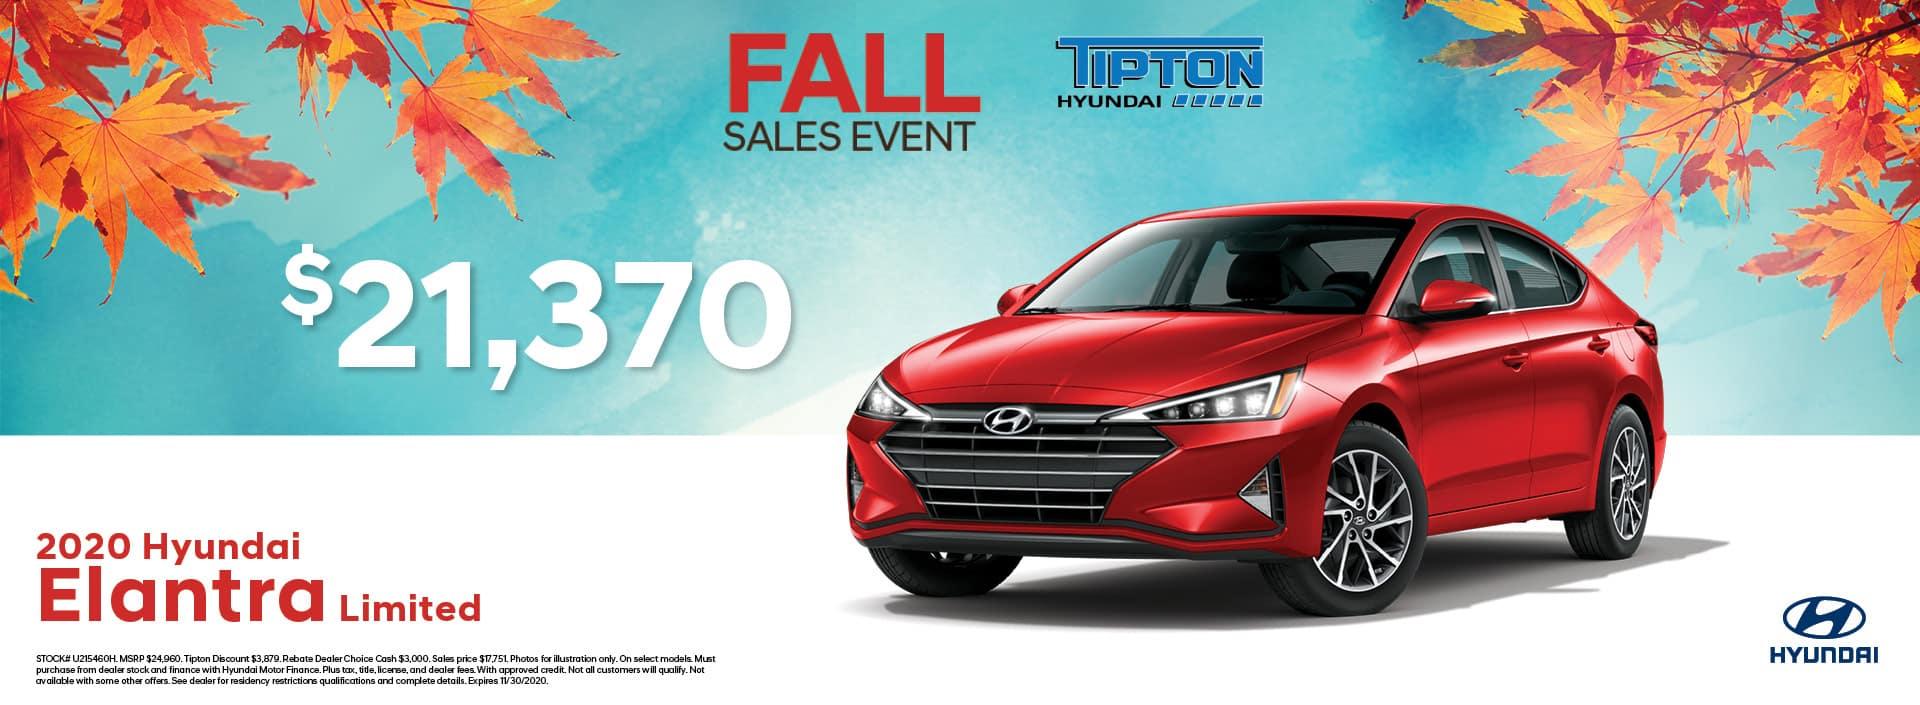 Tipton Hyundai | Hyundai Elantra | Toronto, ON